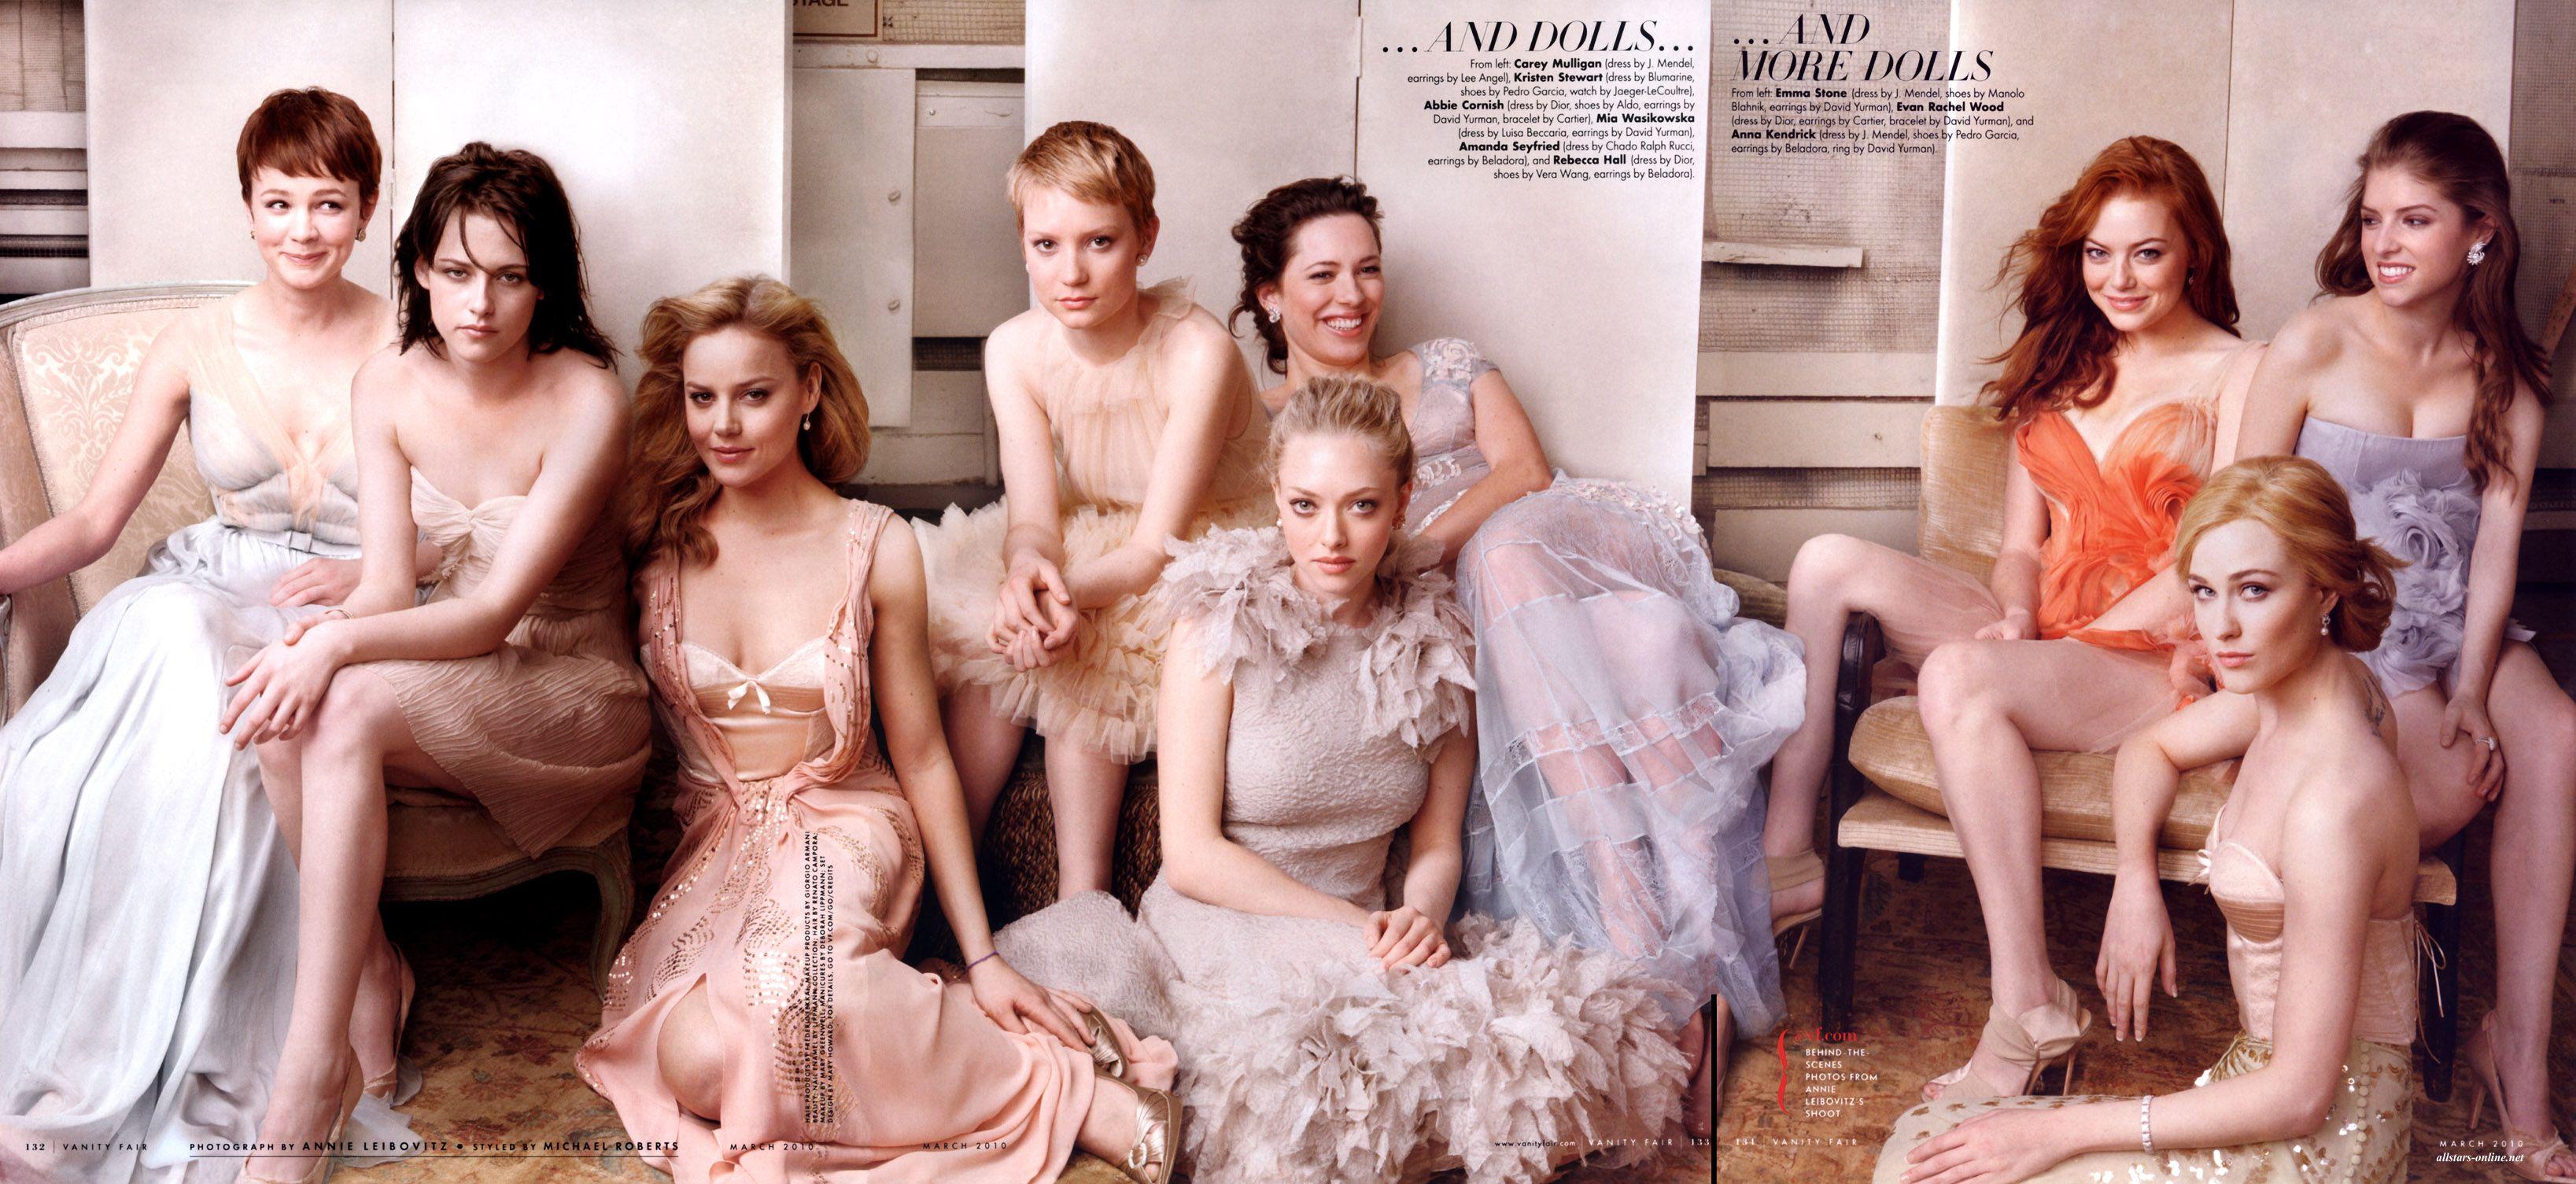 Vanity - Leibovitz